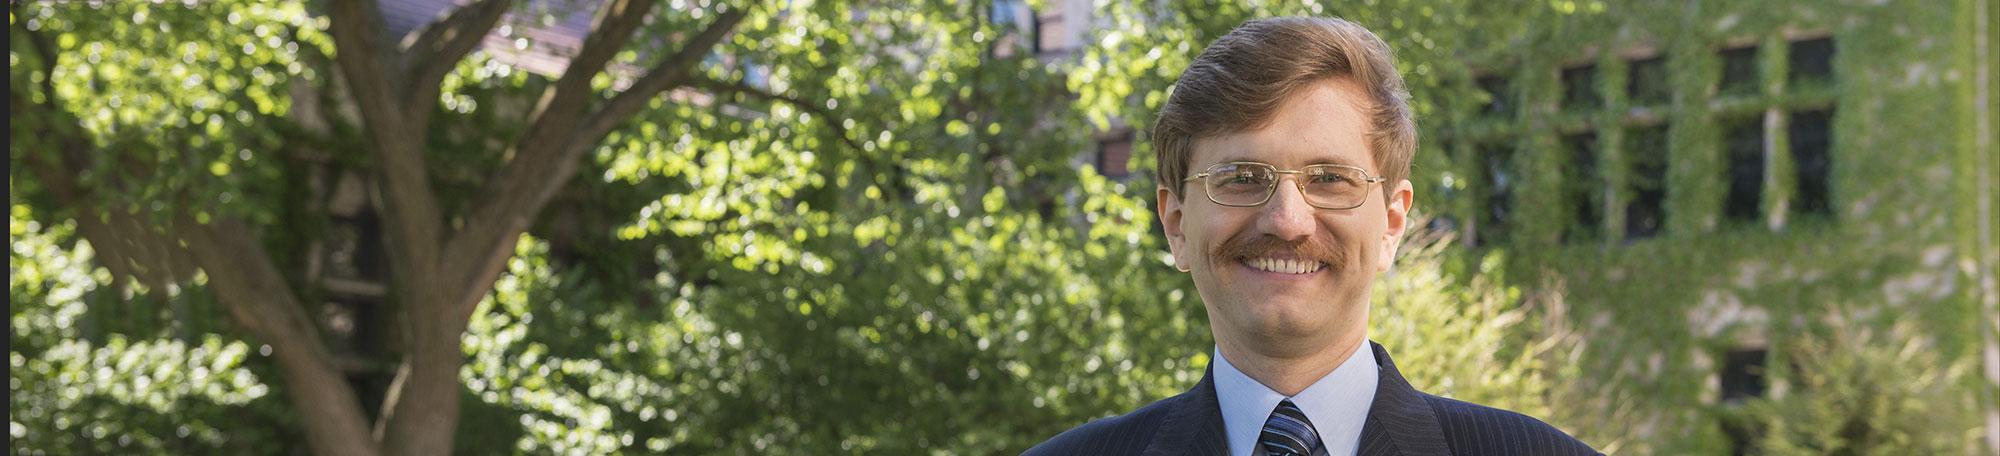 UChicago PhD student Anton Sinitskiy